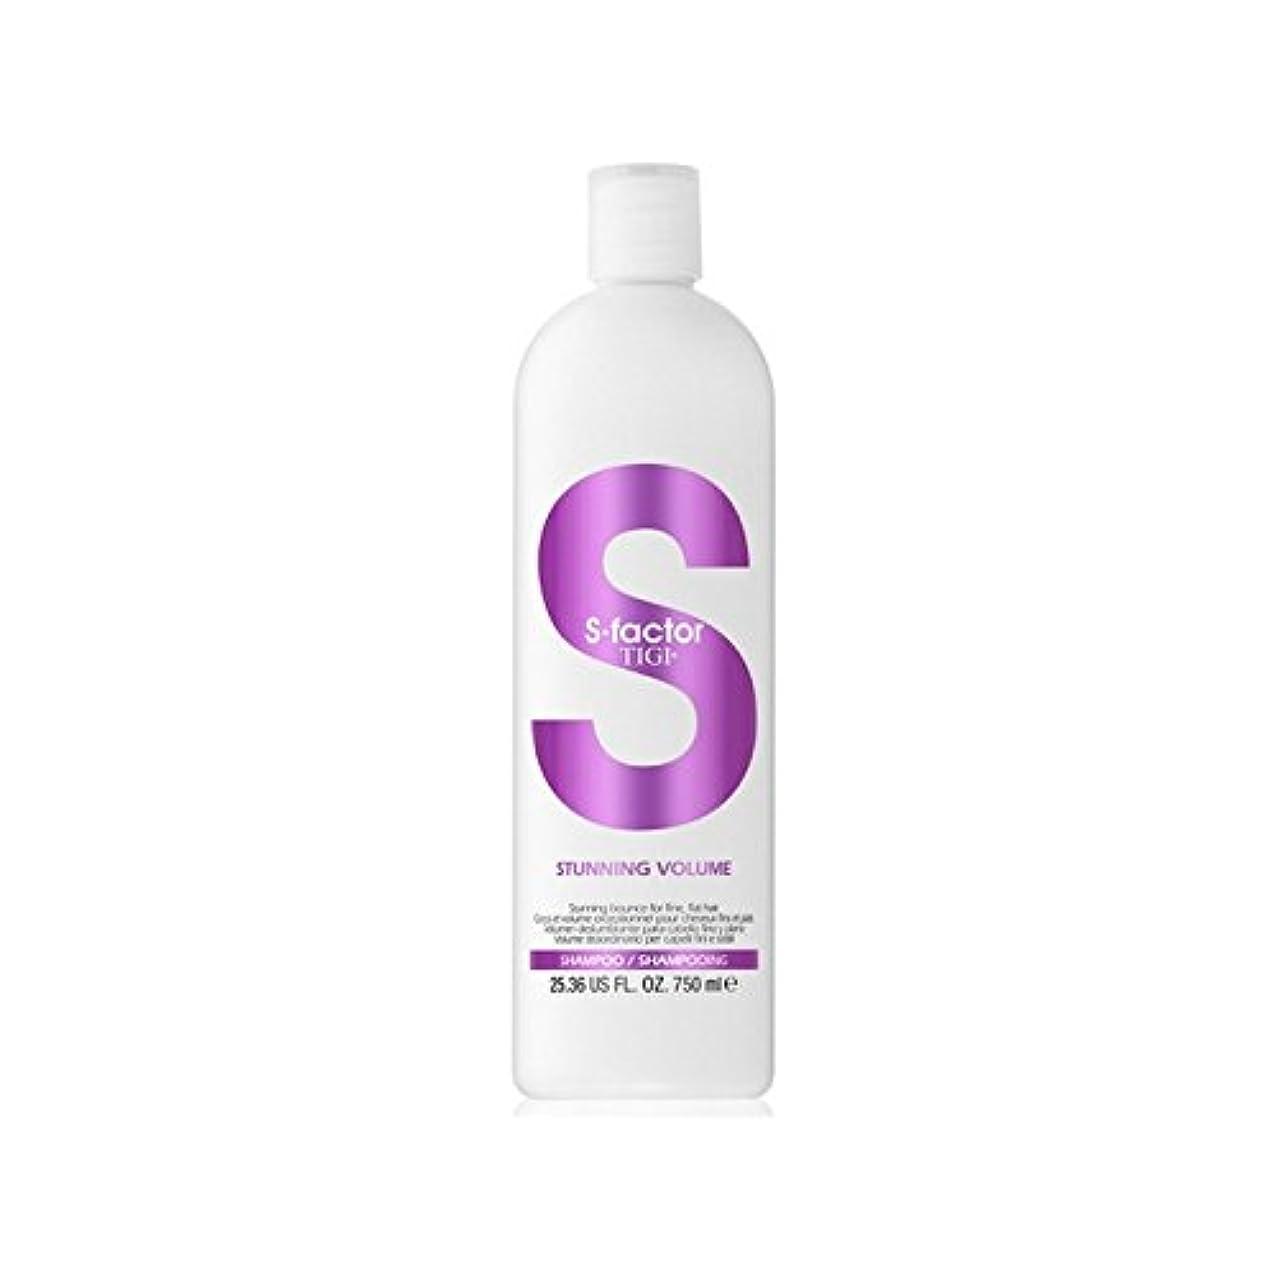 マニア倫理的レモンティジーファクター見事なボリュームシャンプー750ミリリットル x2 - Tigi S-Factor Stunning Volume Shampoo 750ml (Pack of 2) [並行輸入品]